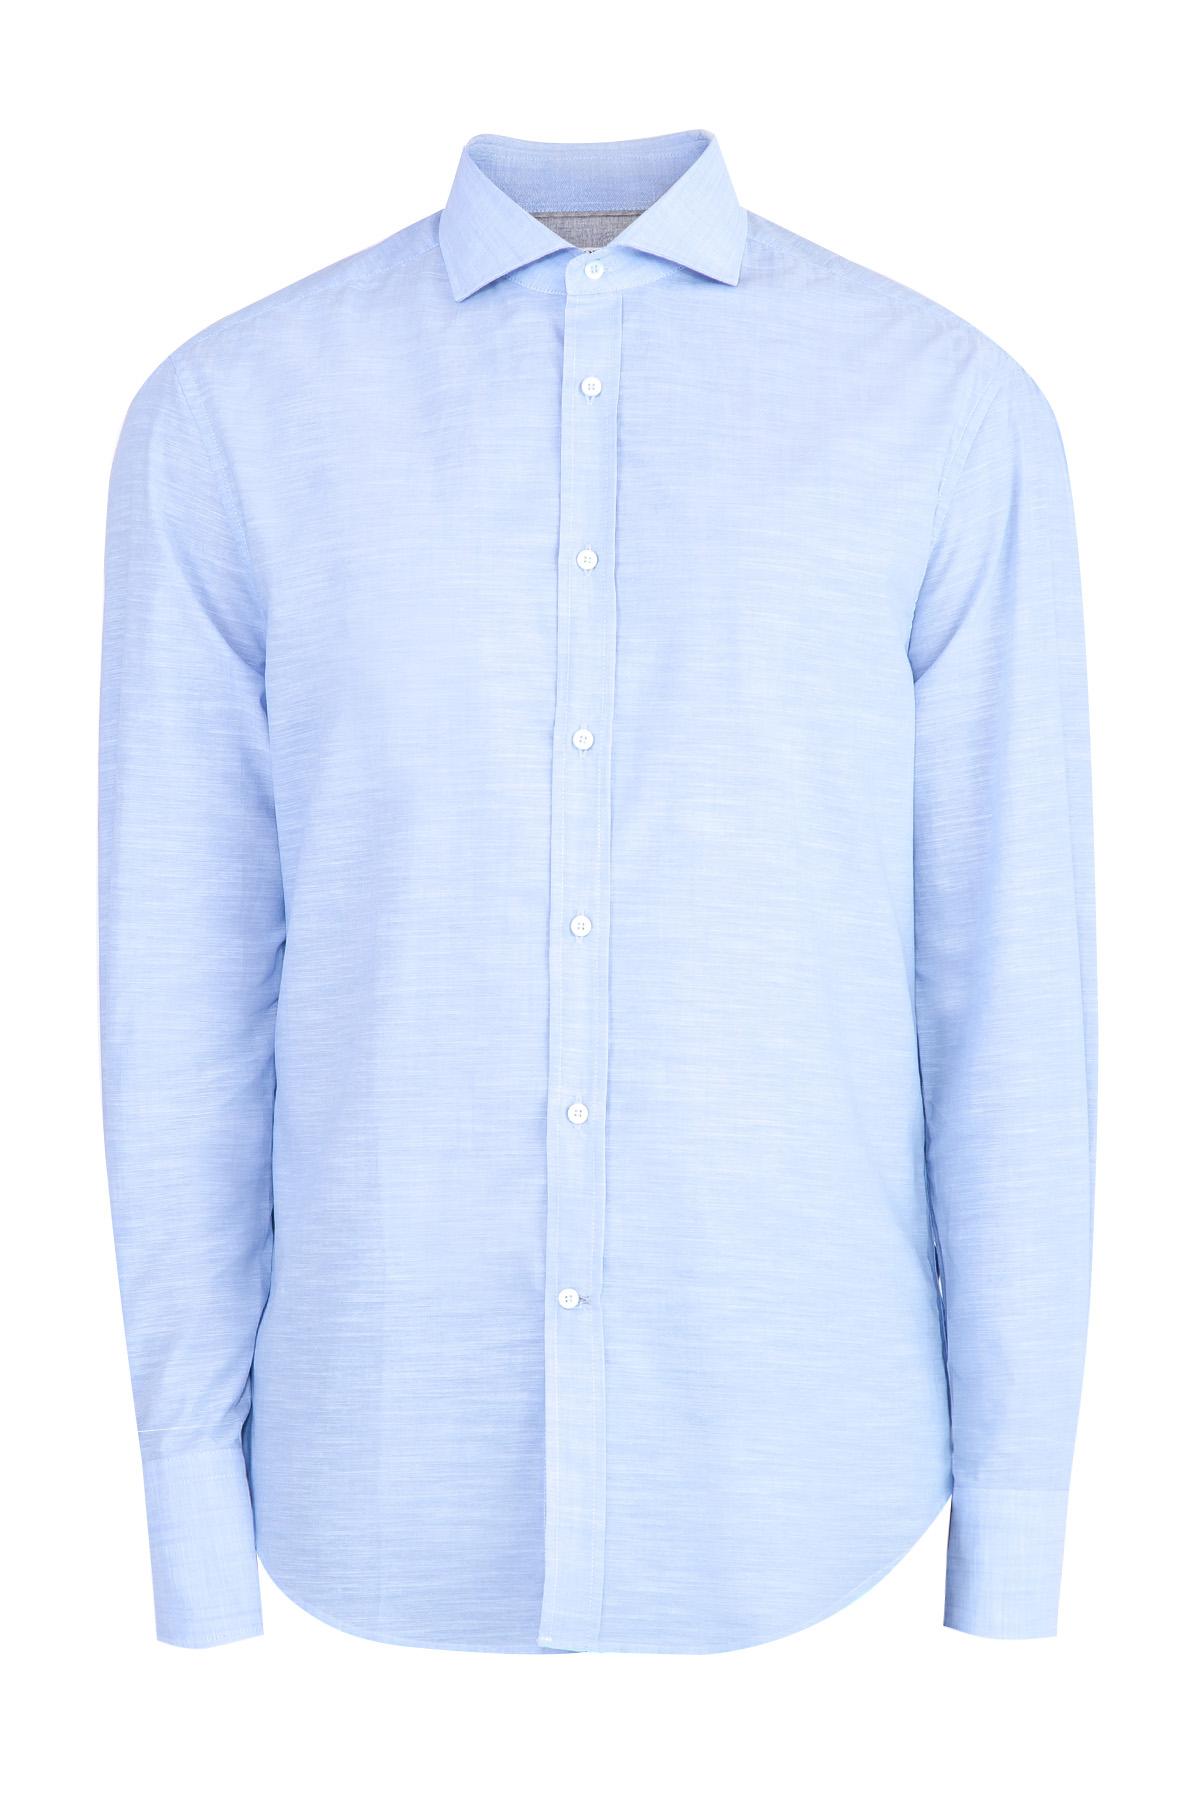 Купить Рубашка из дышащего хлопка с отложным воротником, BRUNELLO CUCINELLI, Италия, хлопок 100%